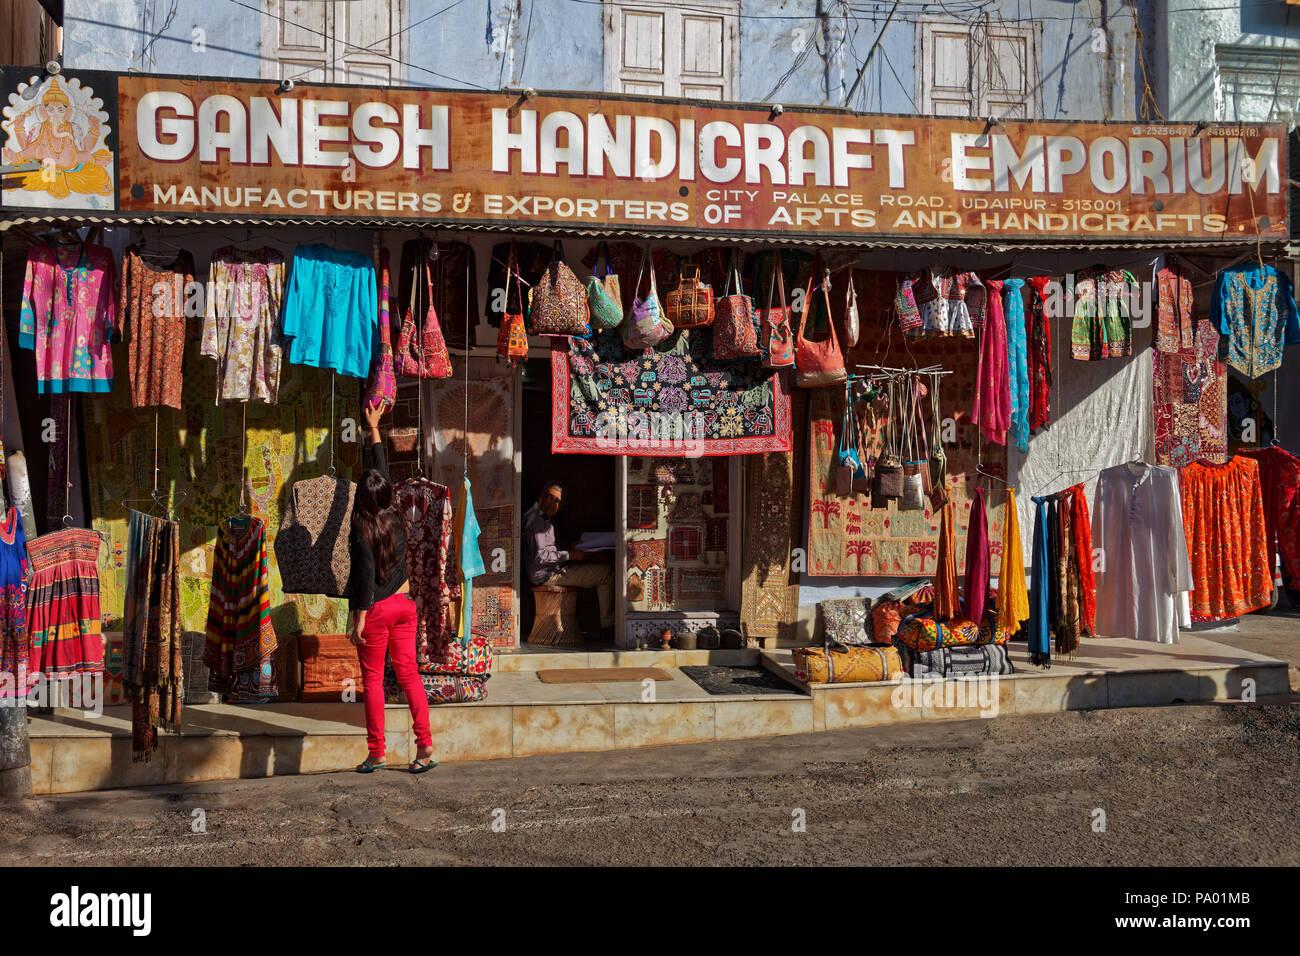 Ragazza acquistare un sacchetto da un negozio di artigianato, Udaipur, Rajasthan, India Immagini Stock